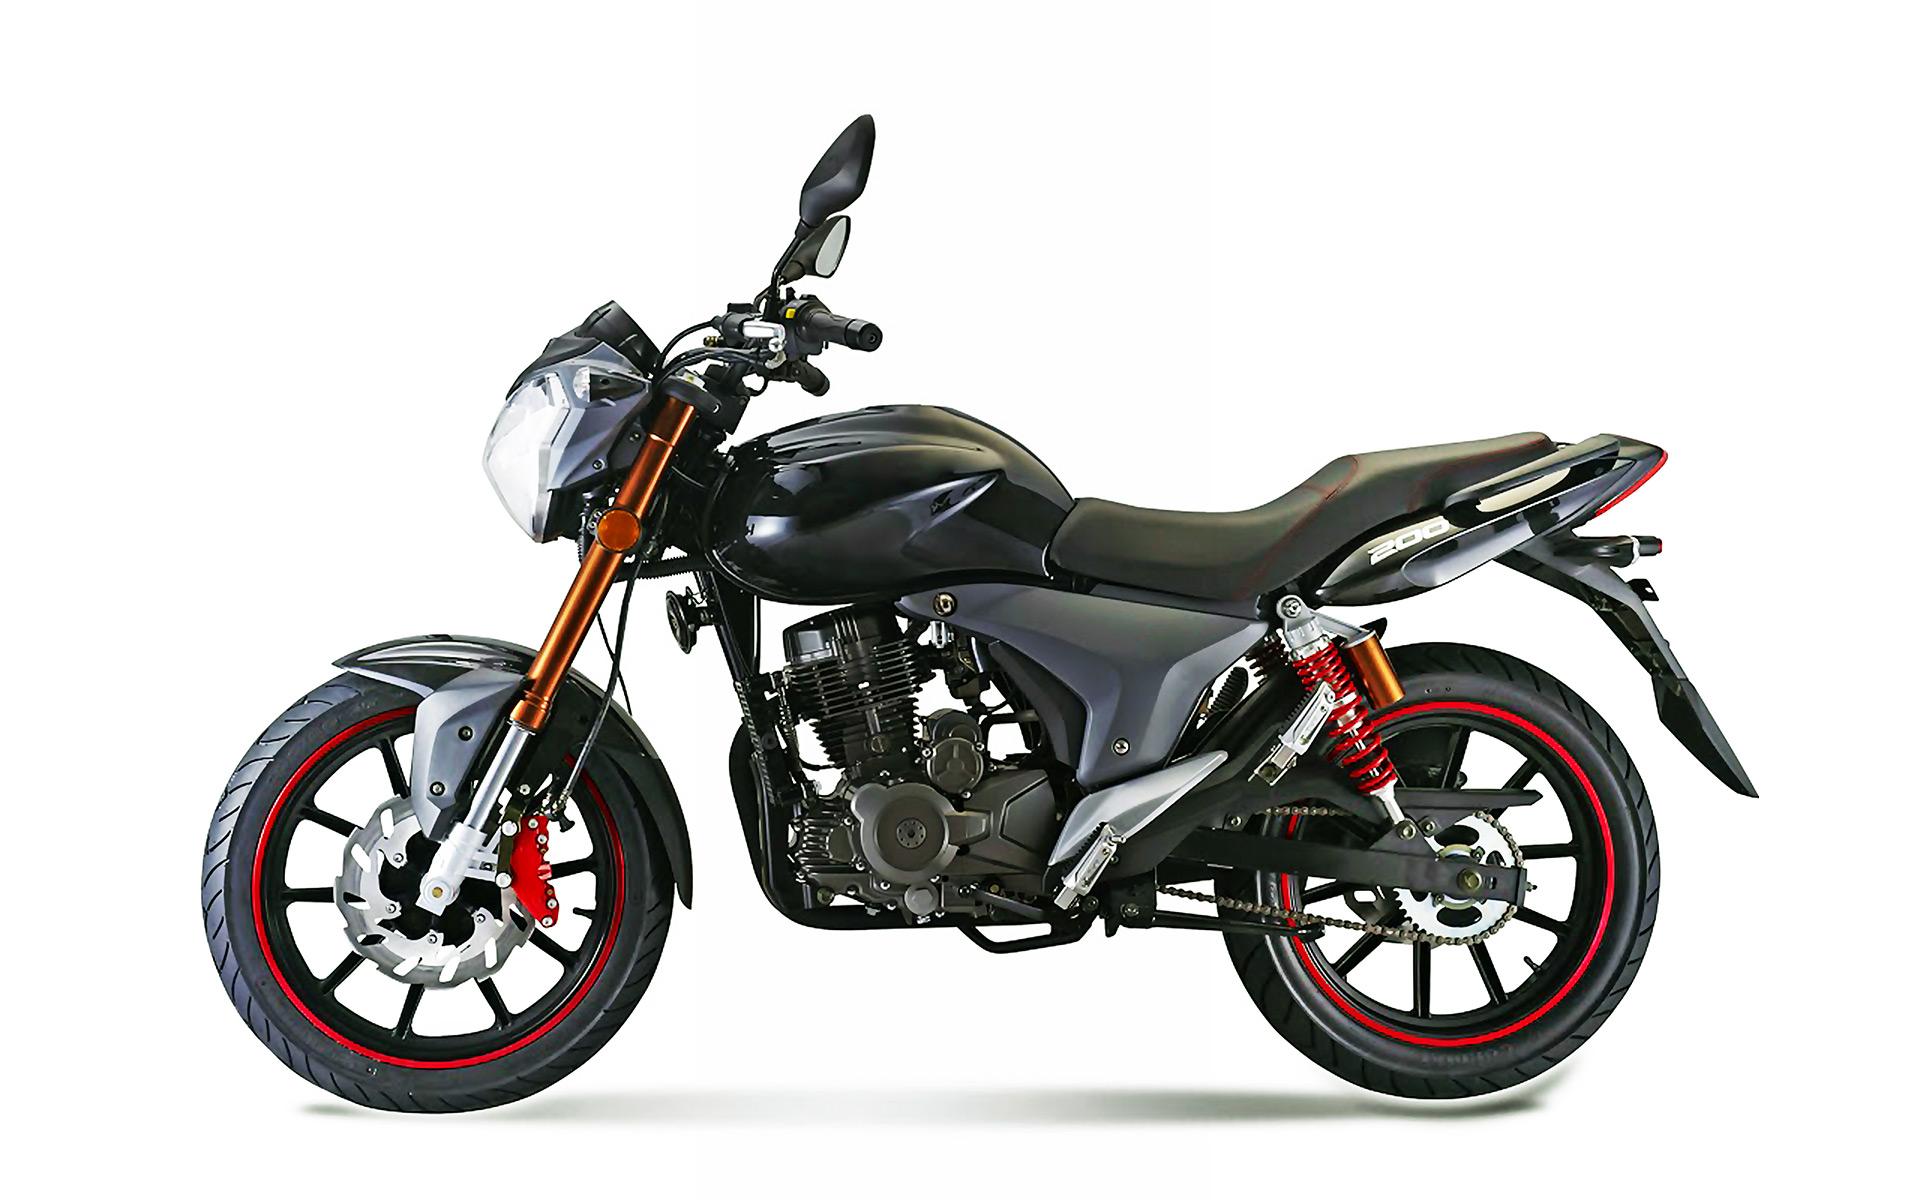 Купить мототехнику в Украине: китайские мотоциклы бу и новые